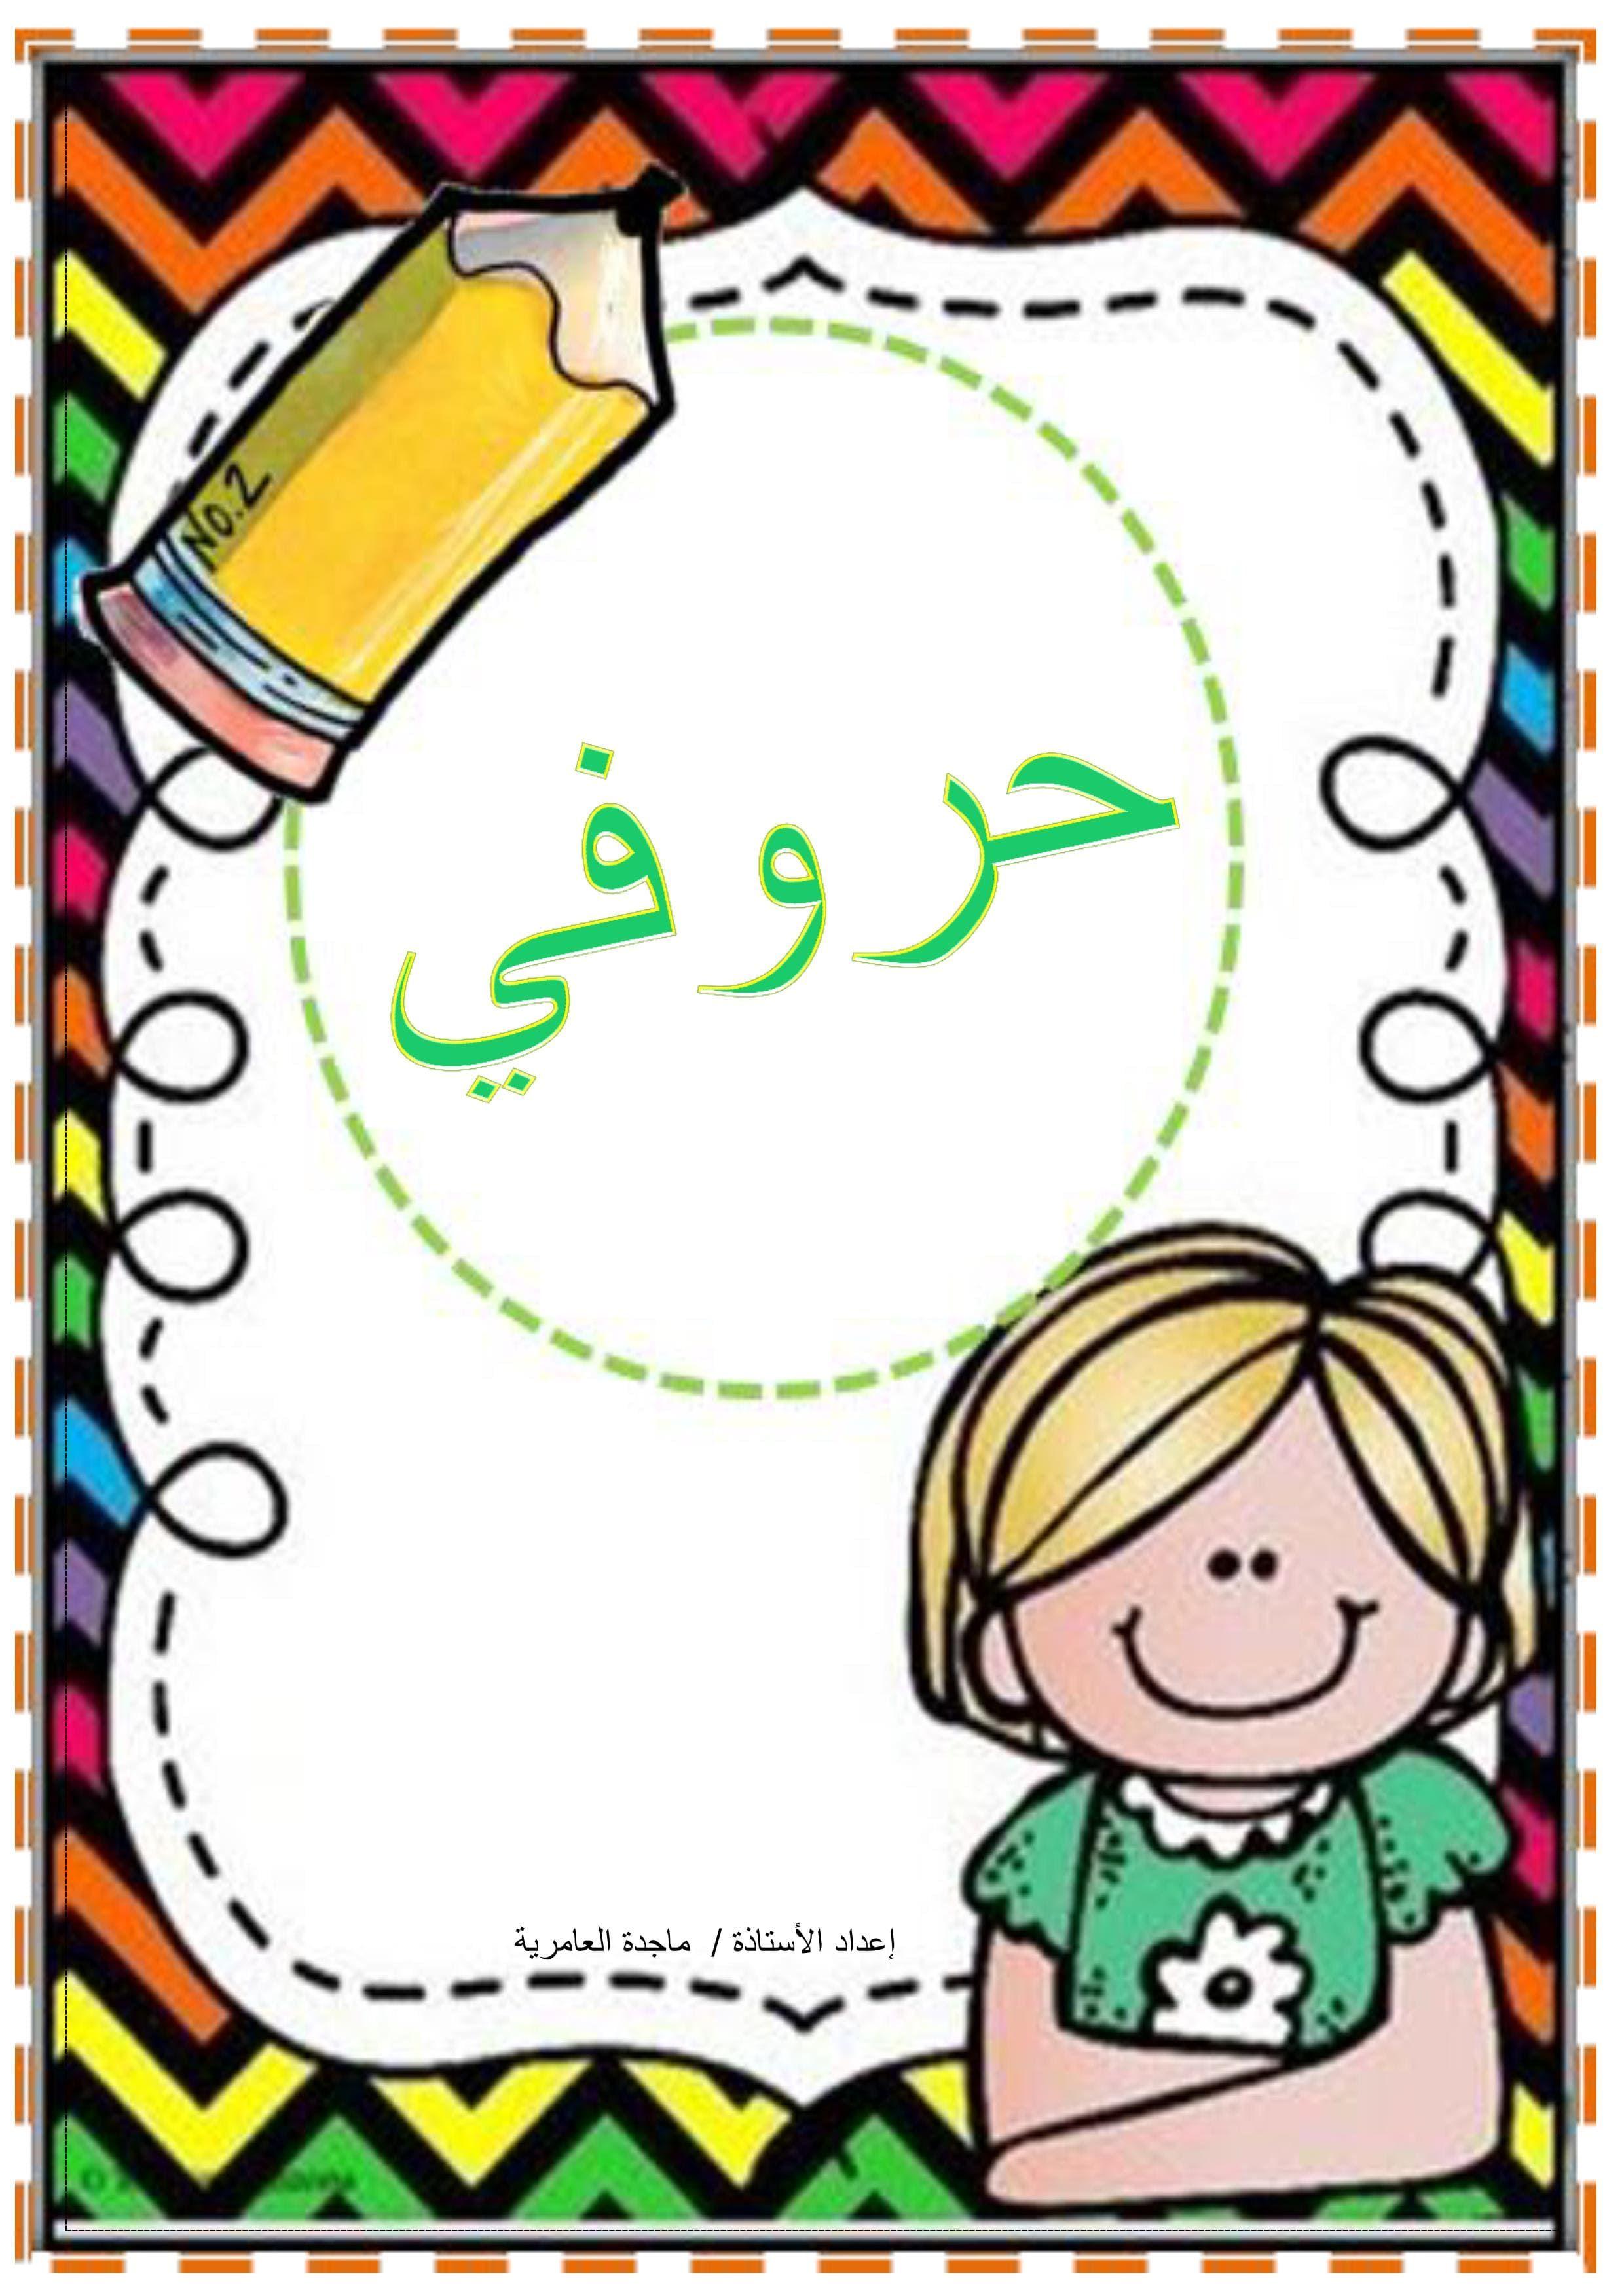 مذكرة حروفي لتعليم الاطفال كتابة الحروف العربية بالنقاط المعلمة أسماء Arabic Kids Character Hello Kitty